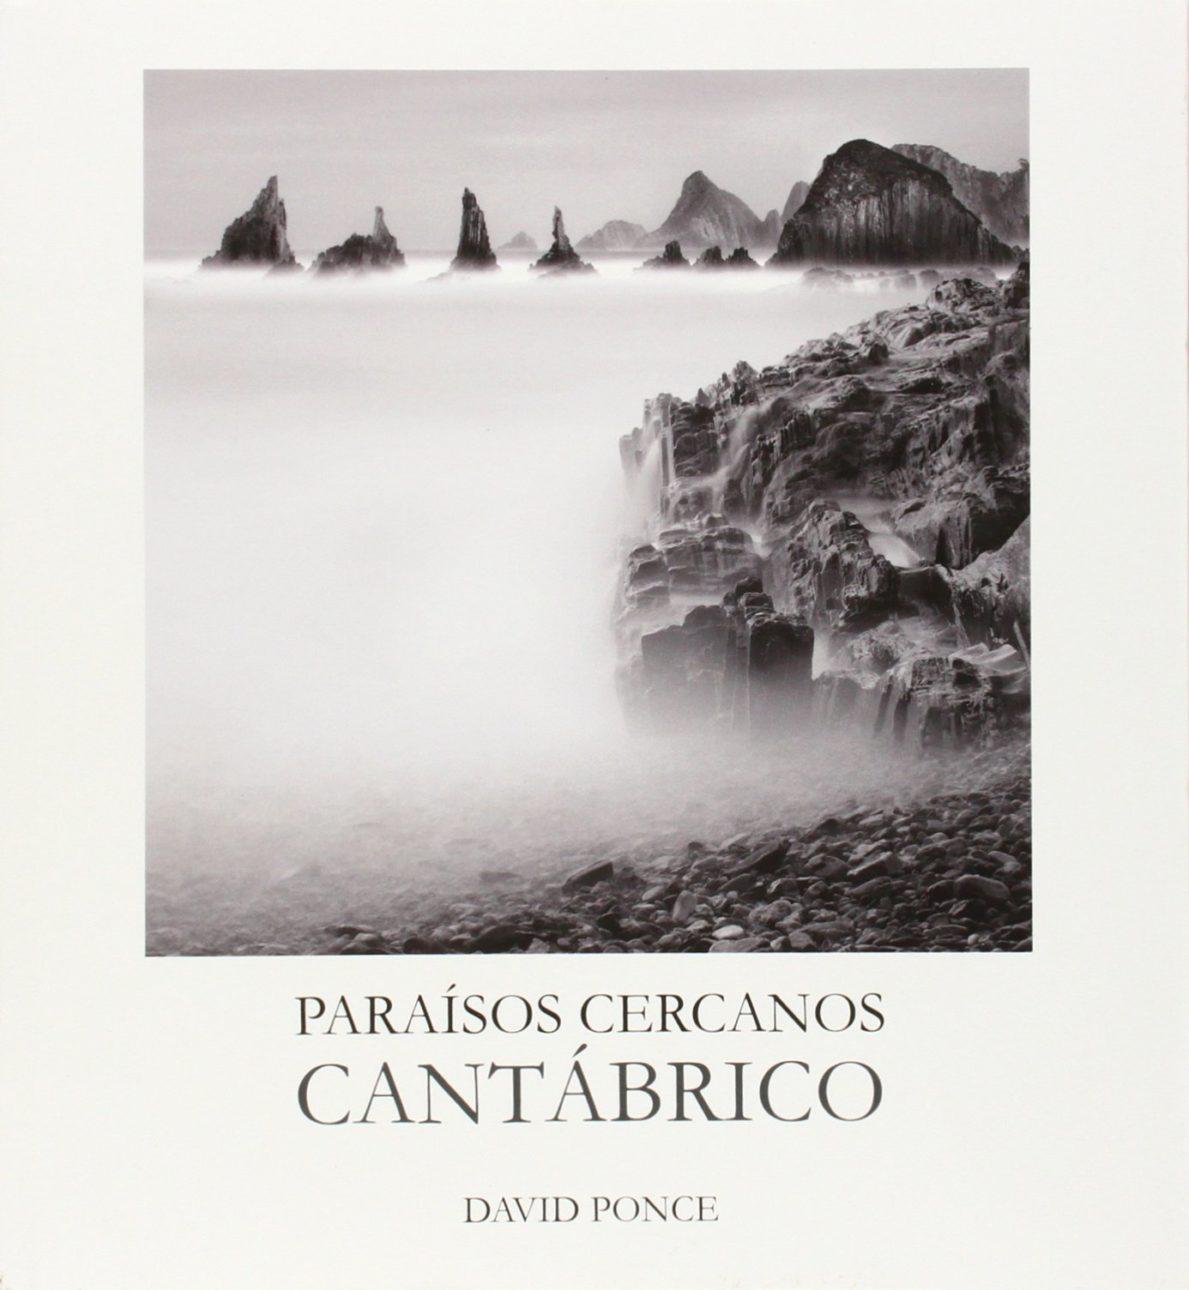 PARAISOS CERCANOS